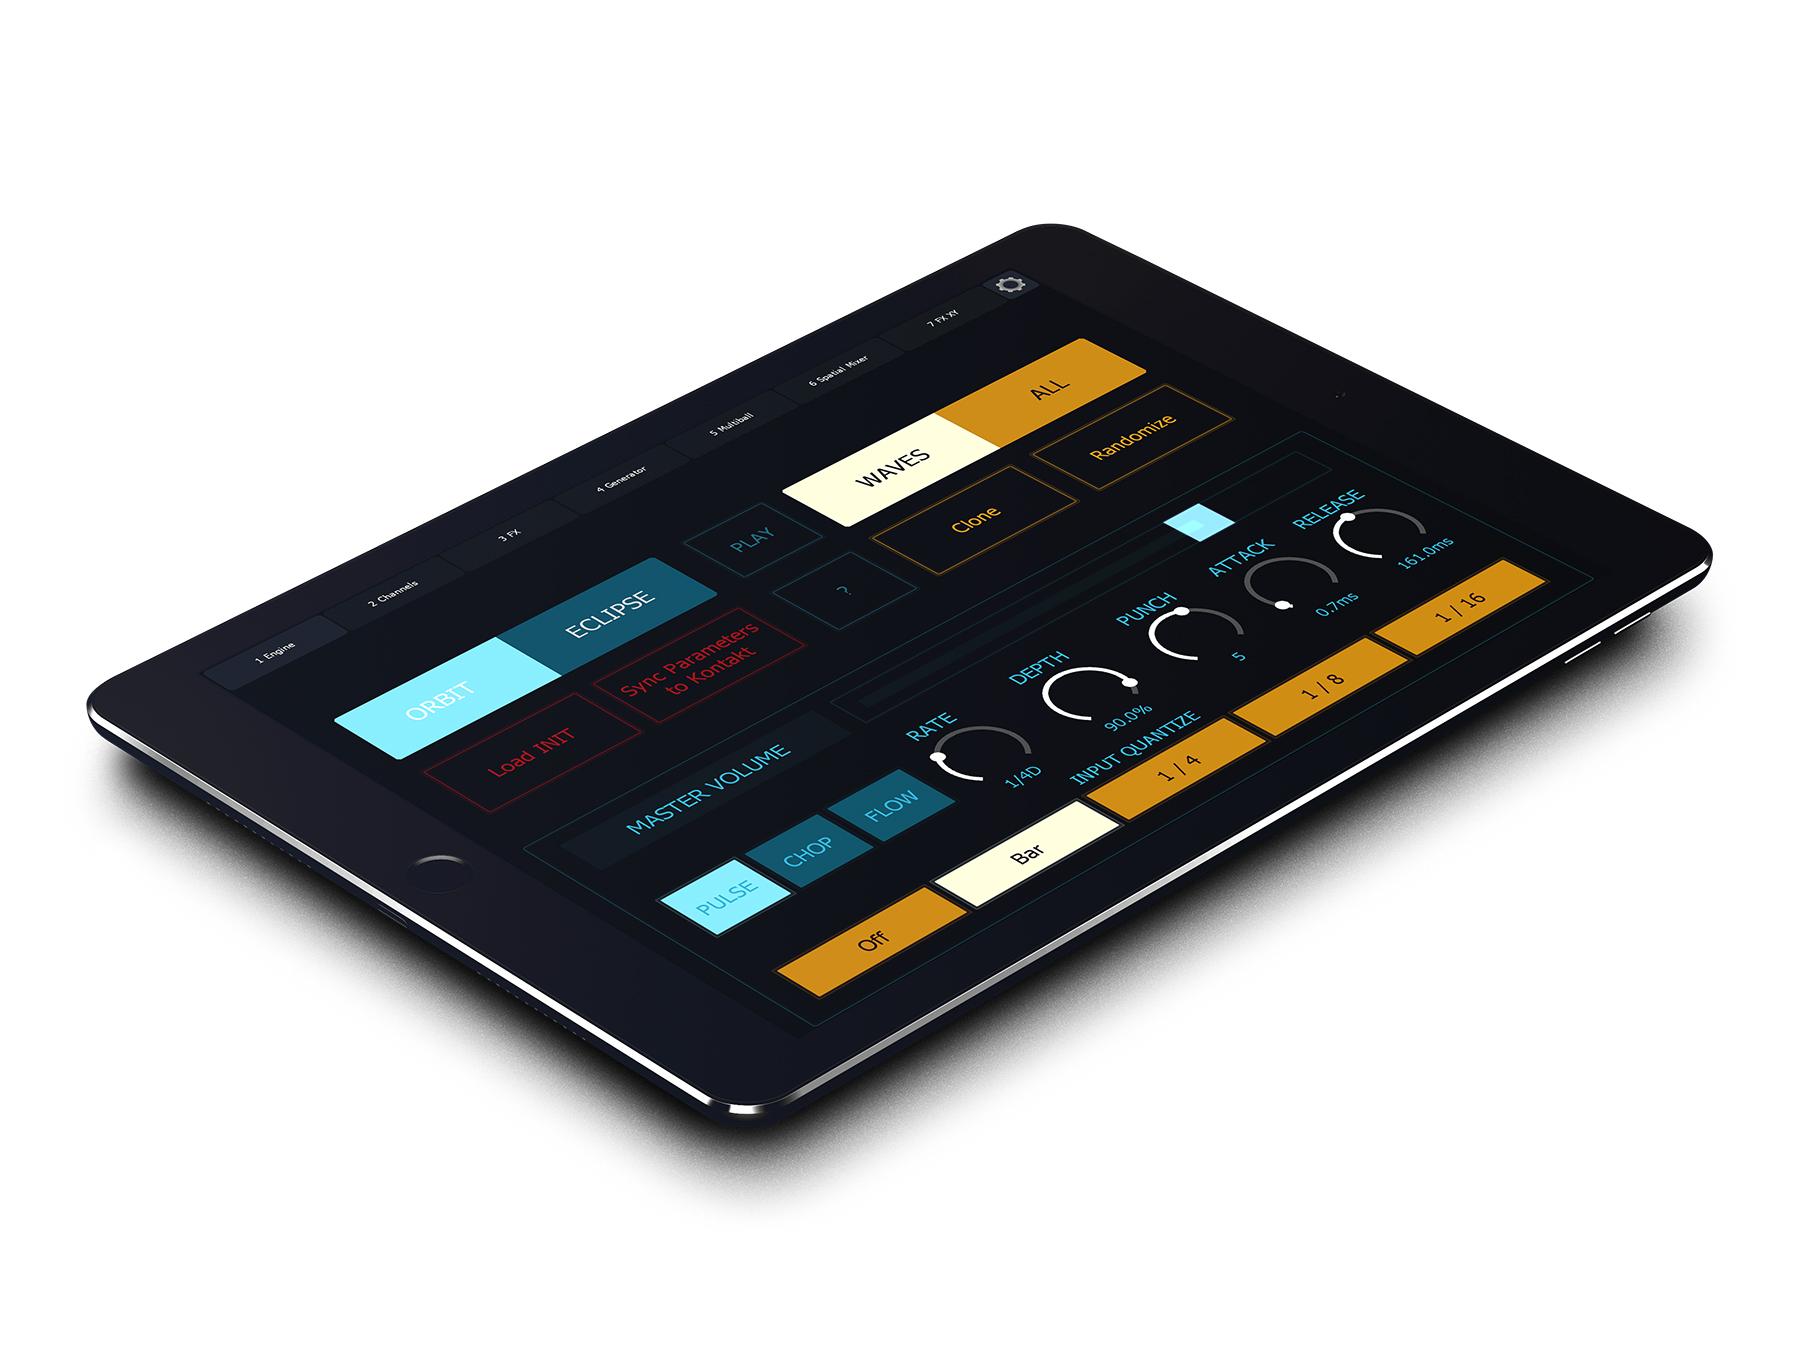 News: Wide Blue Sound veröffentlicht Skypad App und Synthesizer-Erweiterungen Apex und Aeterna